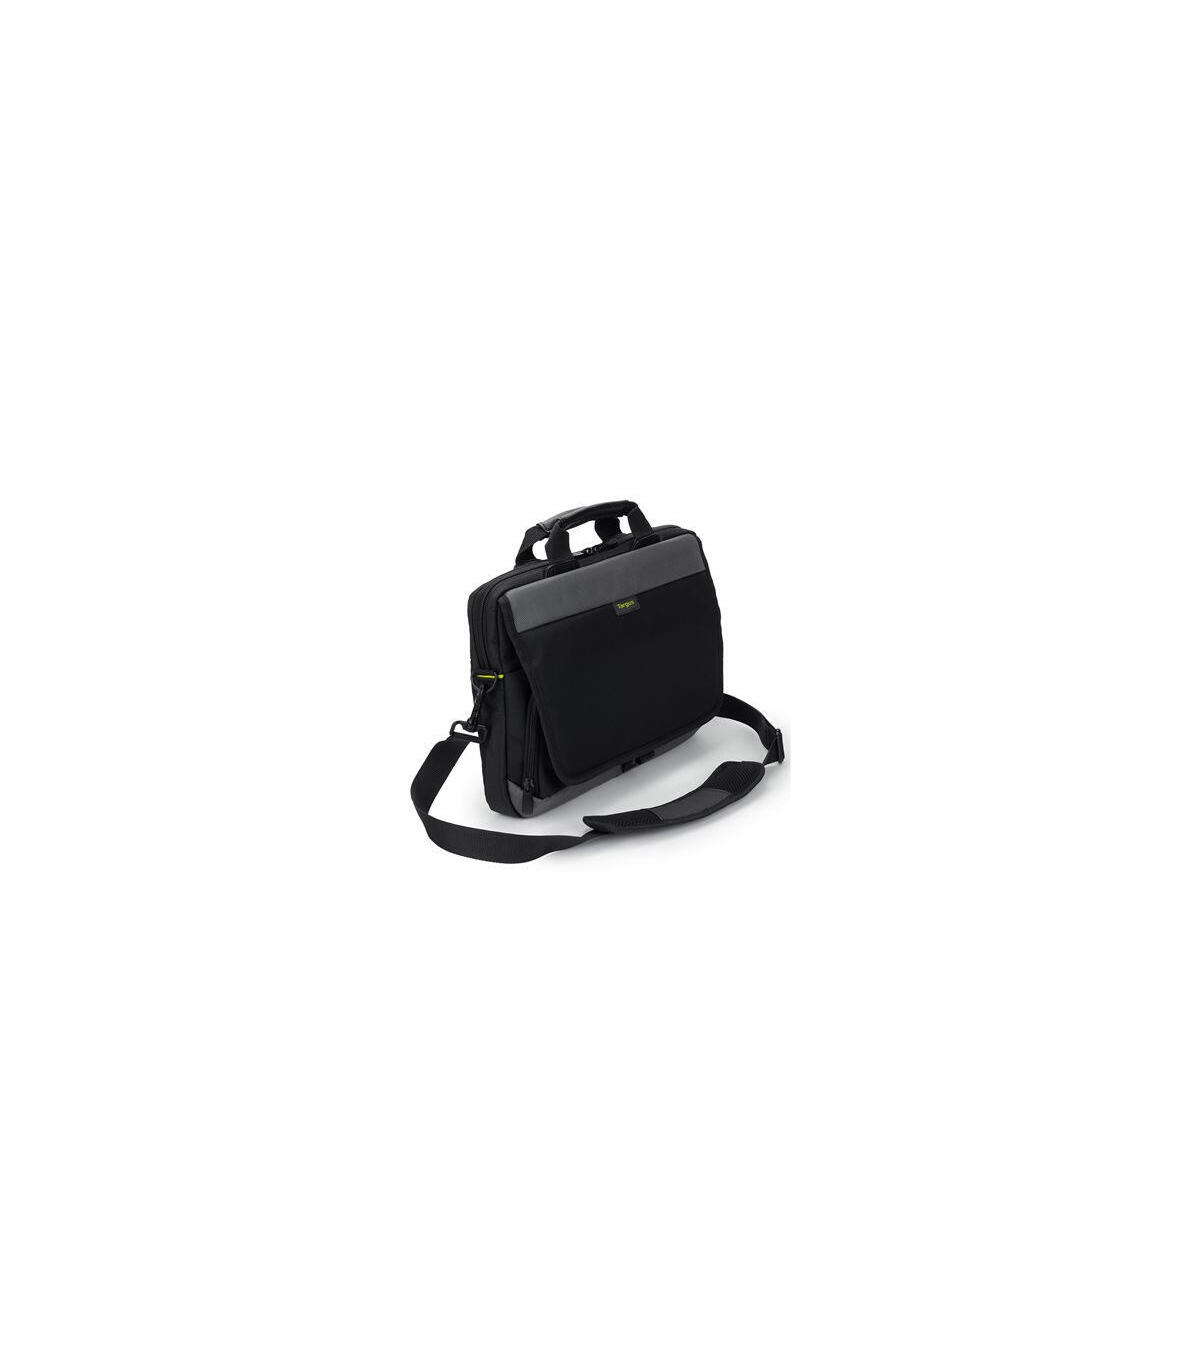 Negro Cikuso Conjunto de brocas de mano giro Tornillo de precision DIY Pin Mini modelo espiral de mano con mini brocas de taladro 25pcs 0.3mm a 3.0mm